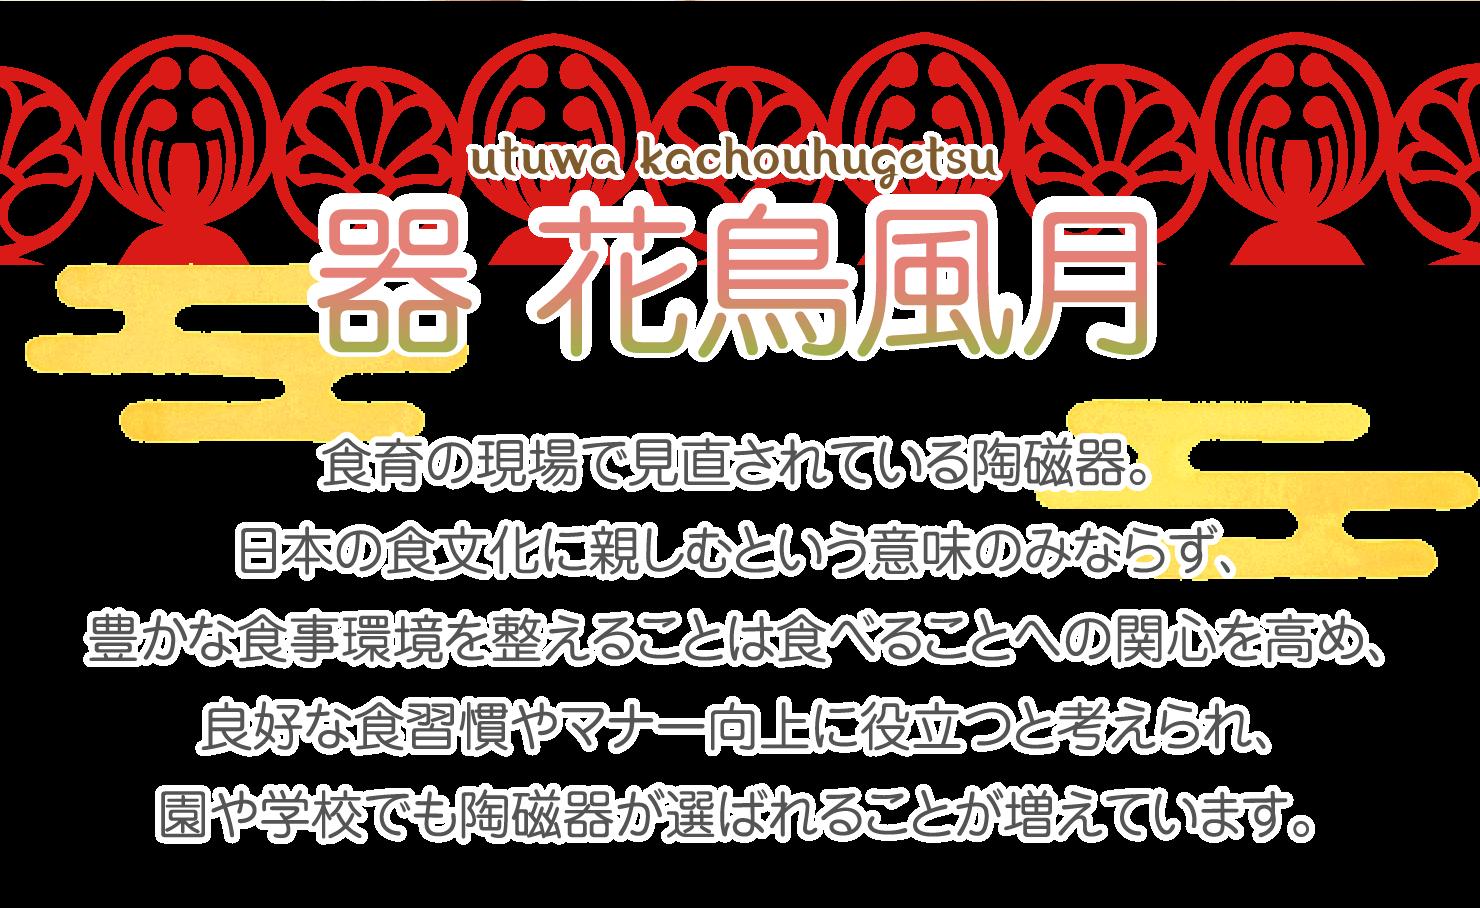 器 花鳥風月 食育の現場で見直されている陶磁器。日本の食文化に親しむという意味のみならず、豊かな食事環境を整えることは食べることへの関心を高め、良好な食習慣やマナー向上に役立つと考えられ、園や学校でも陶磁器が選ばれることが増えています。